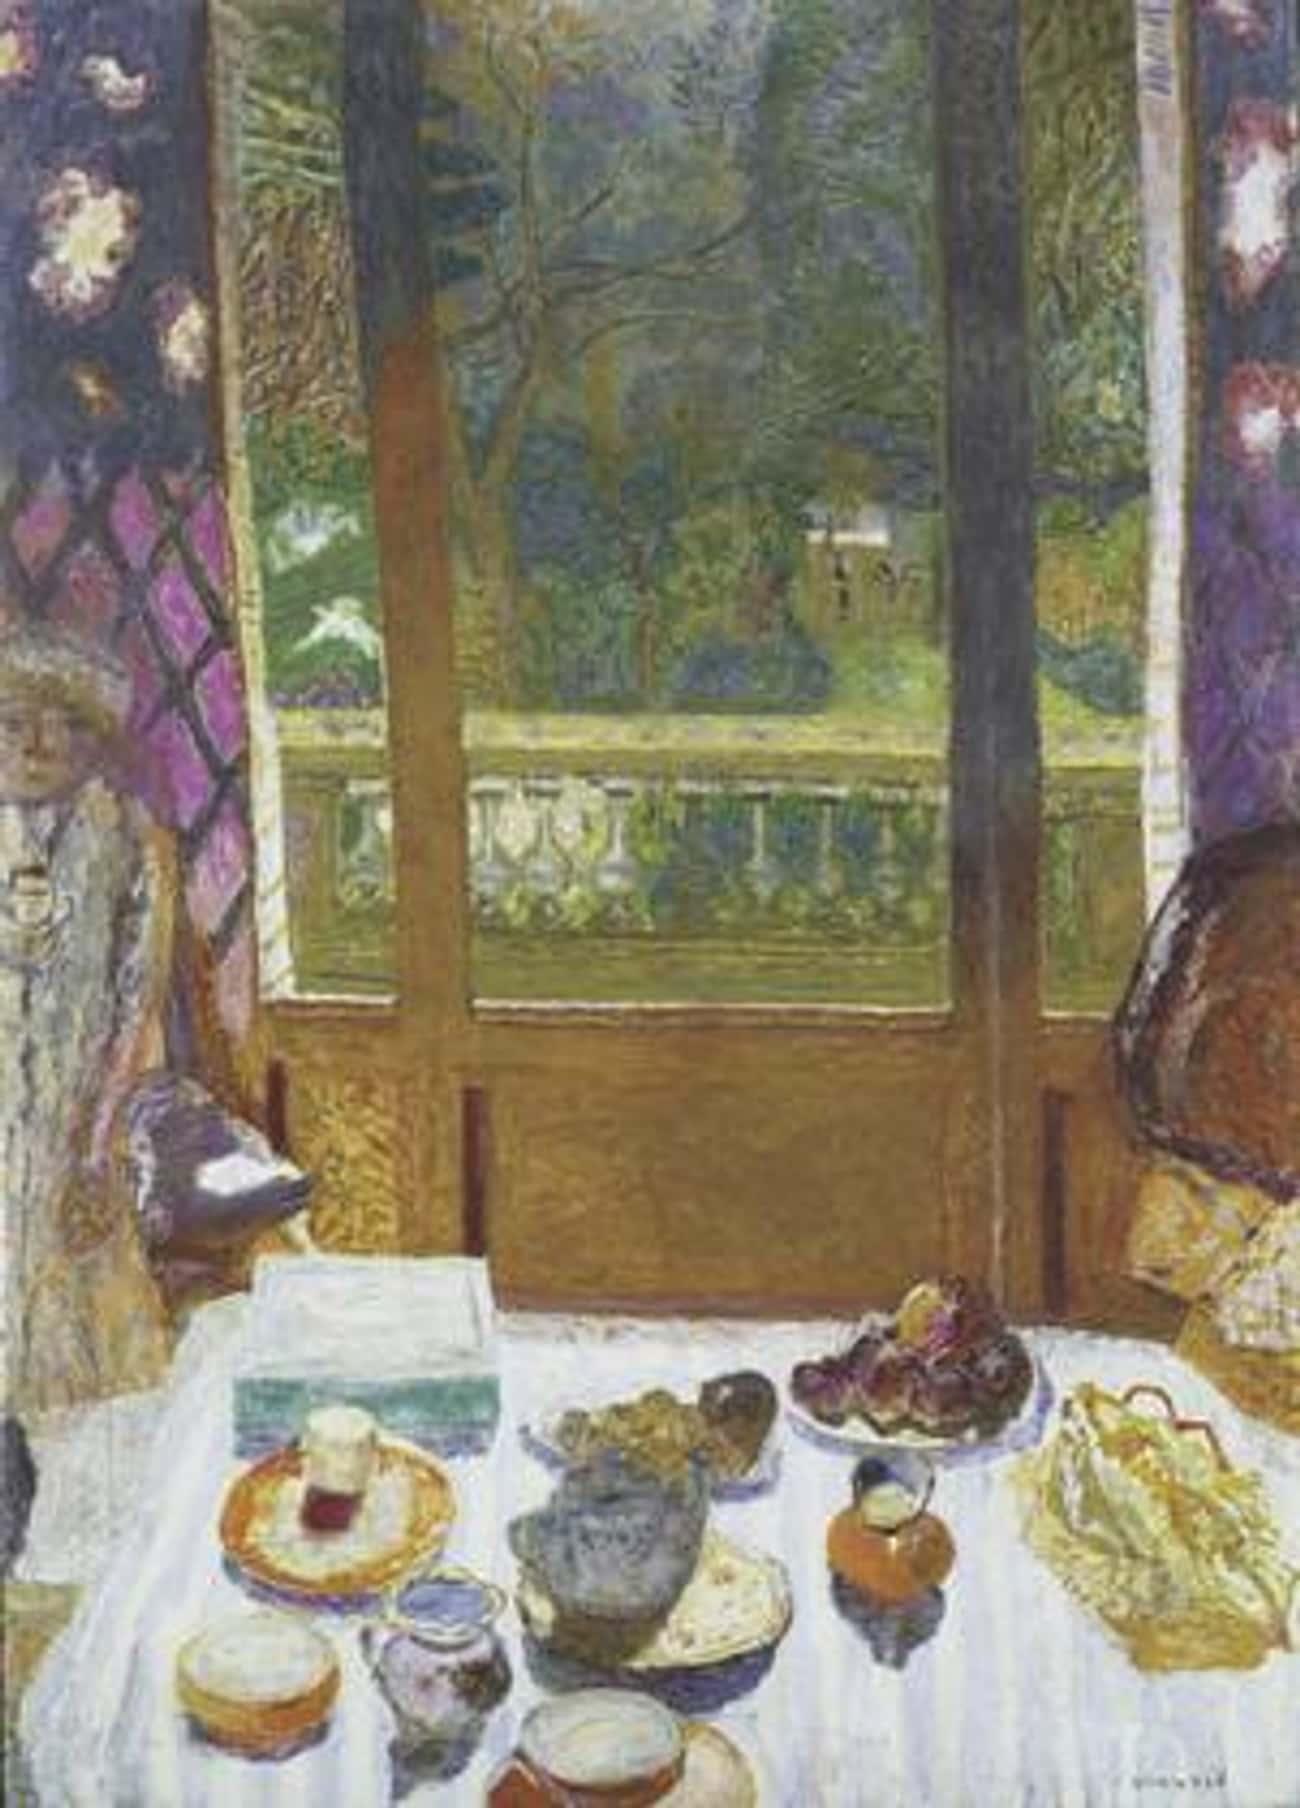 Dining Room Overlooking the Garden (The Breakfast Room)